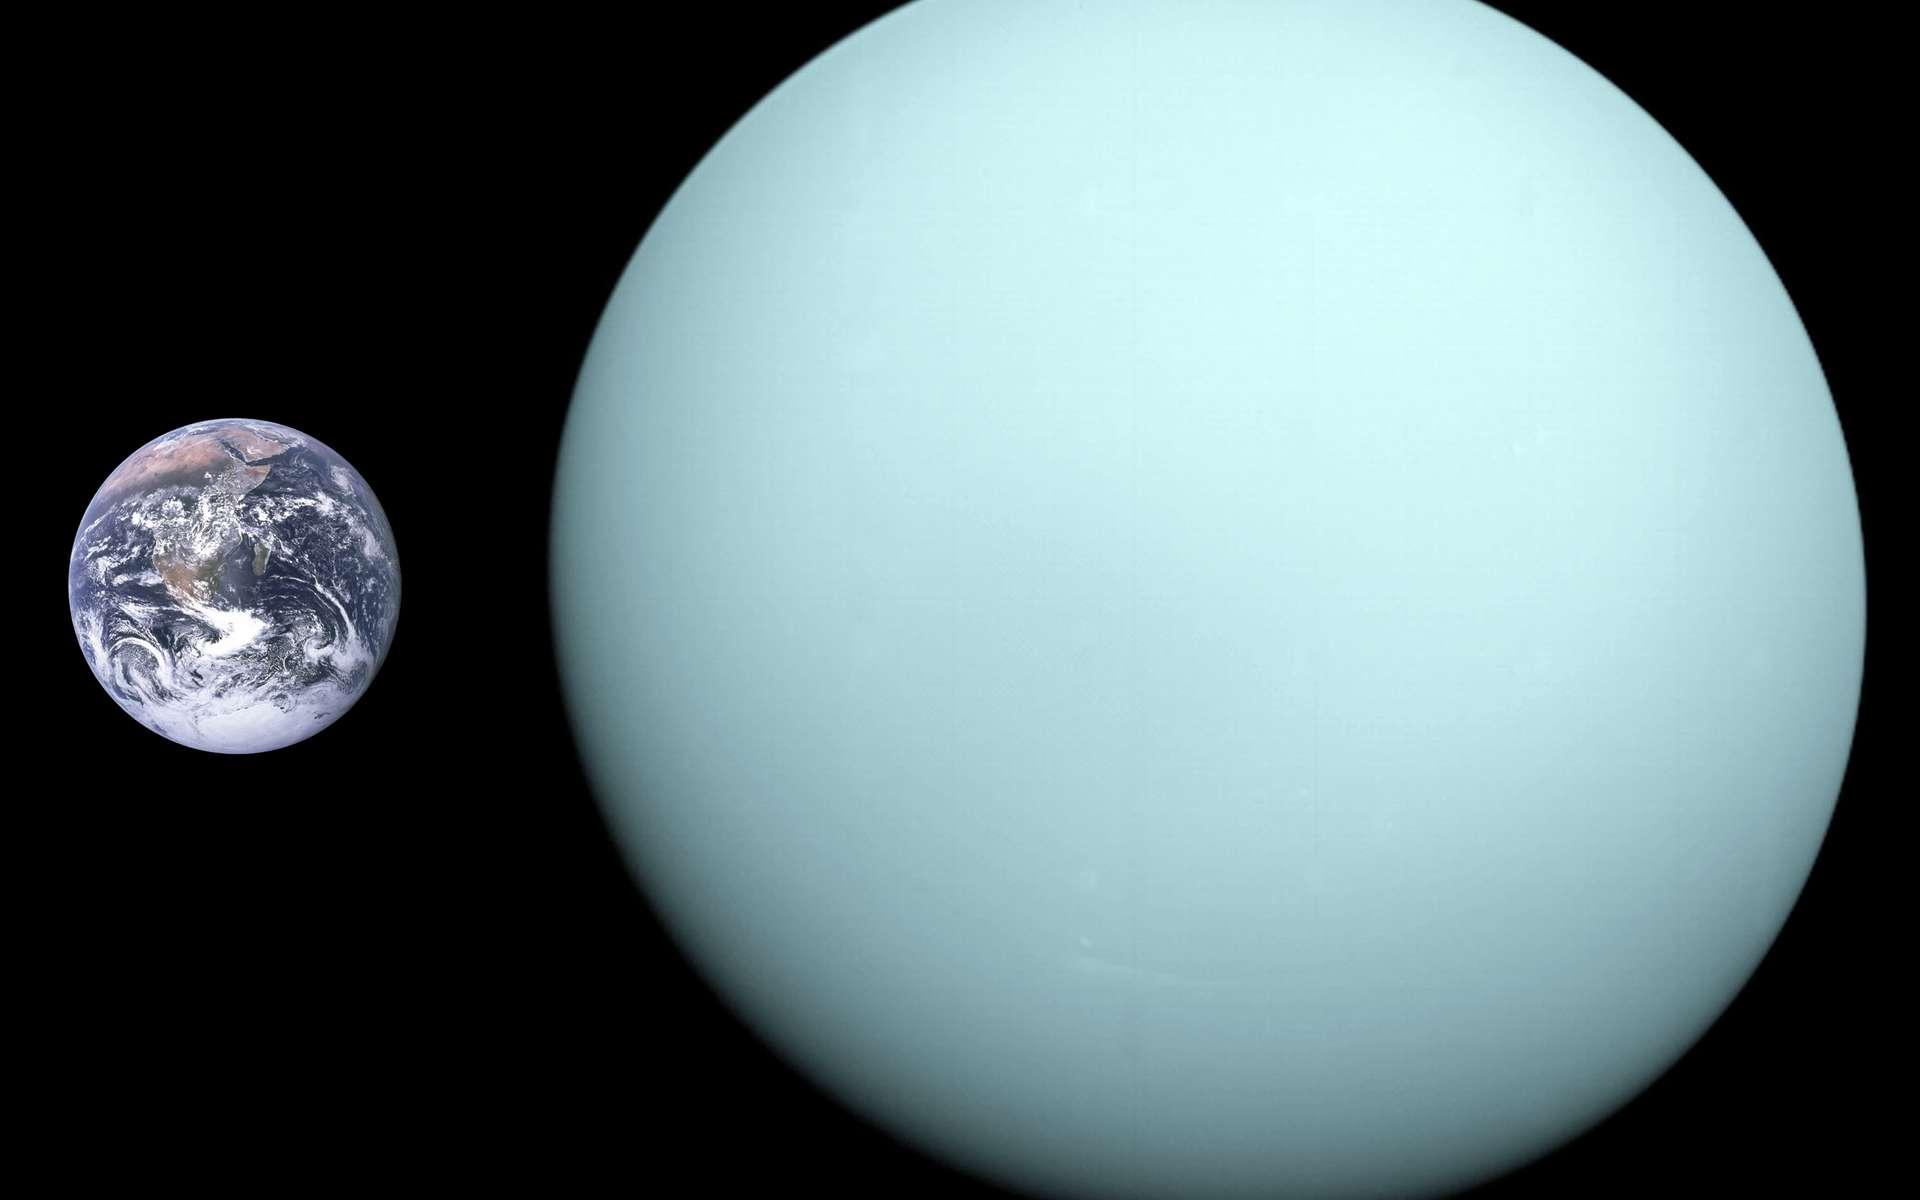 La Terre et Uranus à la même échelle. Uranus est 4 fois plus grande que la Terre soit 63 fois en volume mais sa masse n'est que 14,5 fois plus importante du fait de sa faible densité. © NASA